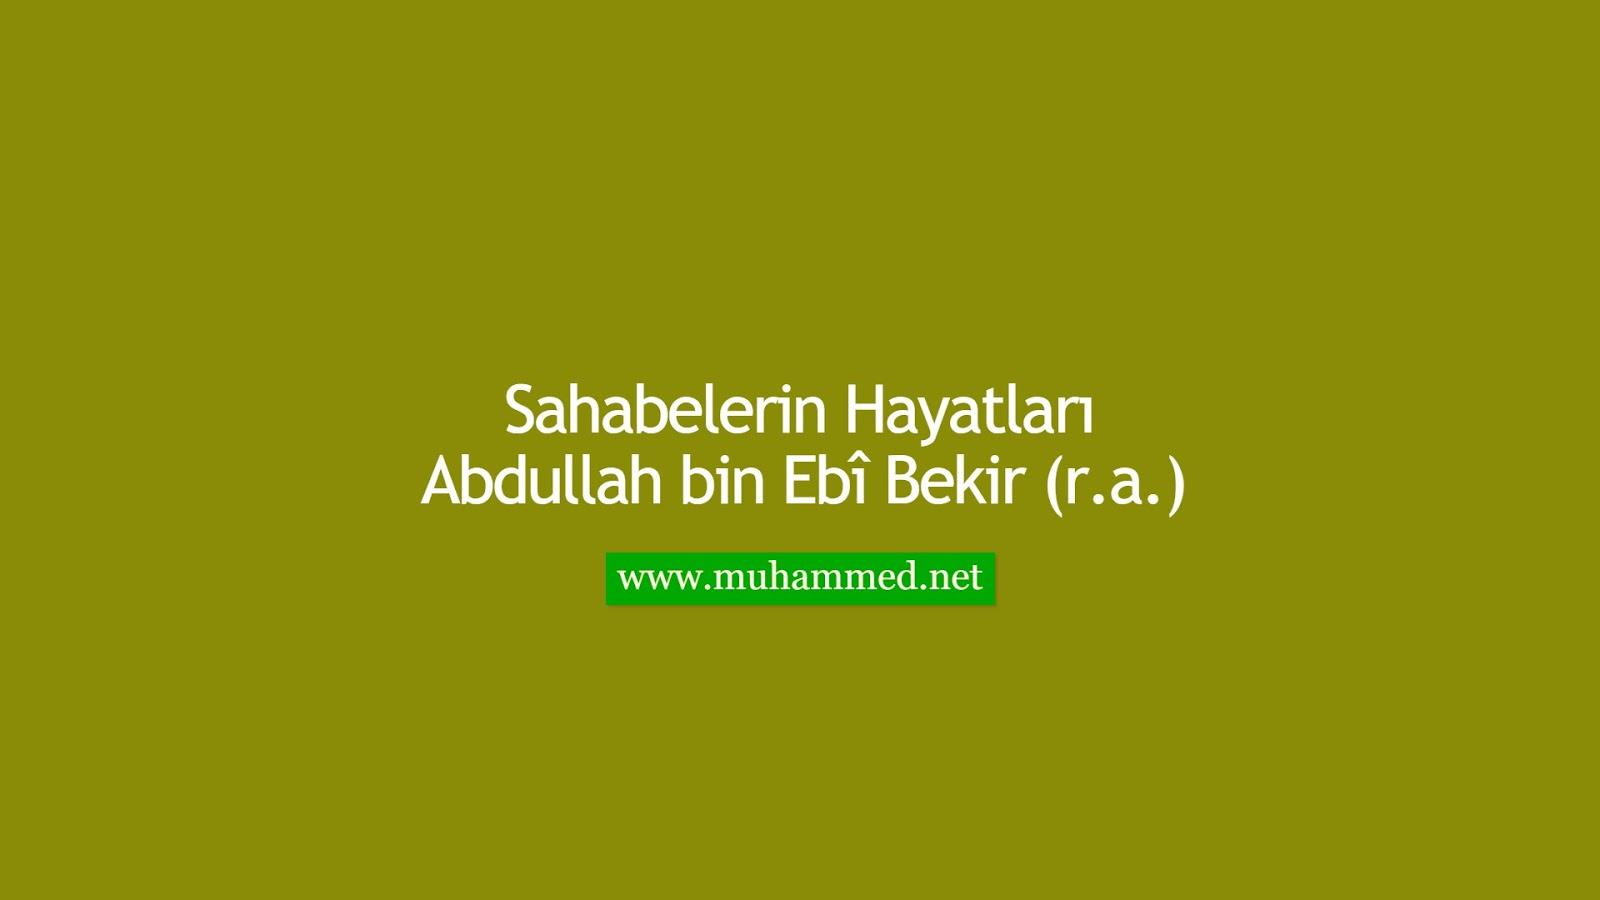 Abdullah bin Ebî Bekir (r.a.)